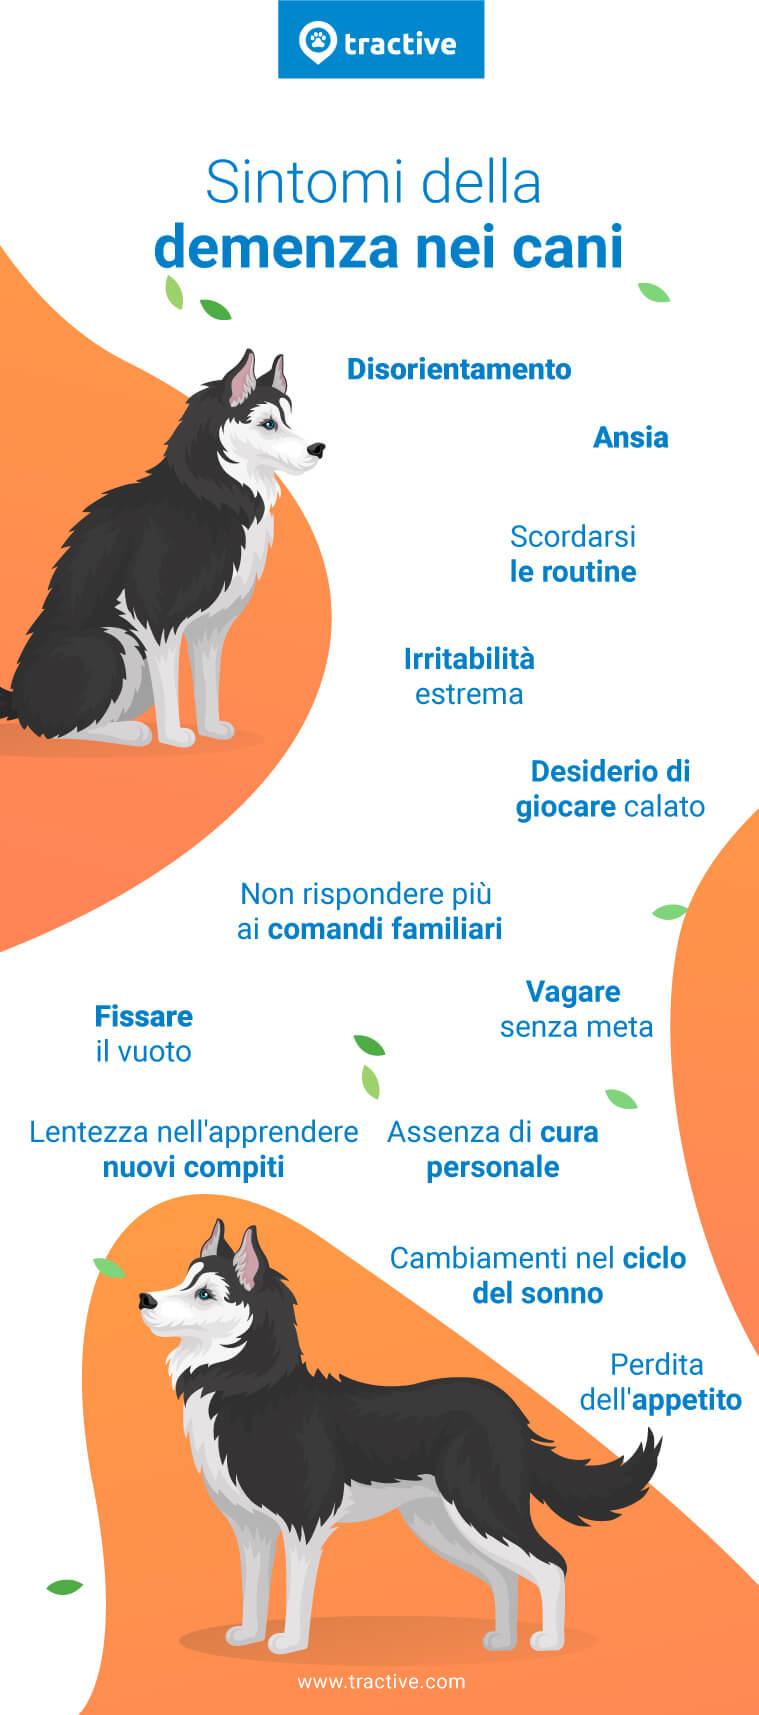 Sintomi che il tuo cane potrebbe presentare